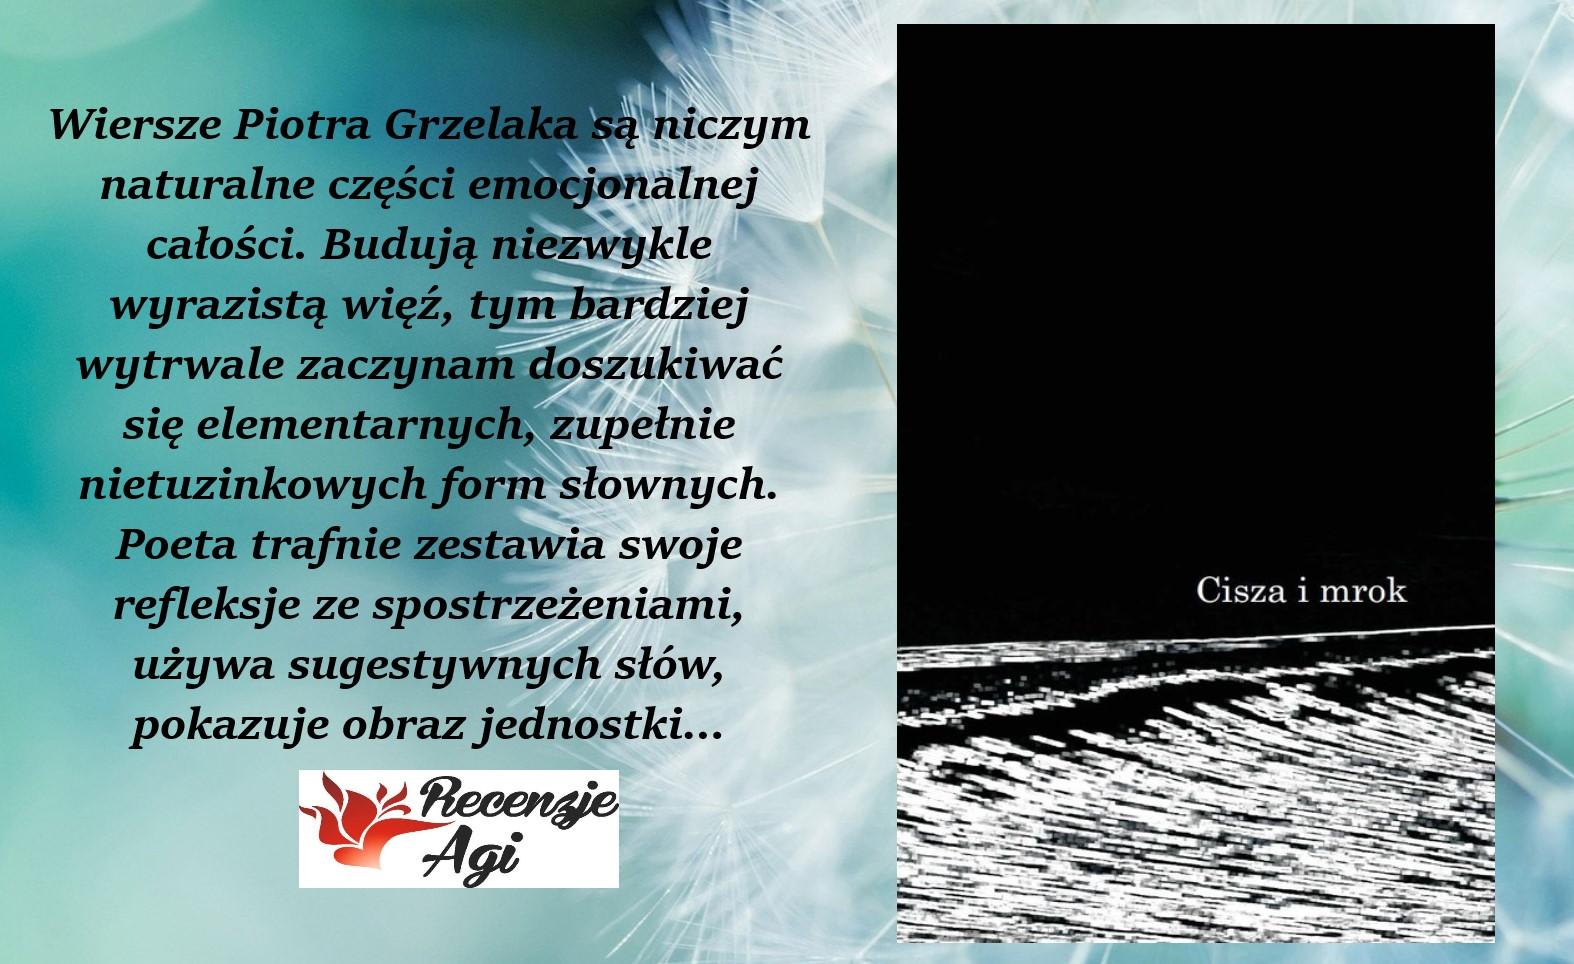 Recenzje Agi Cisza I Mrok Piotr Grzelak